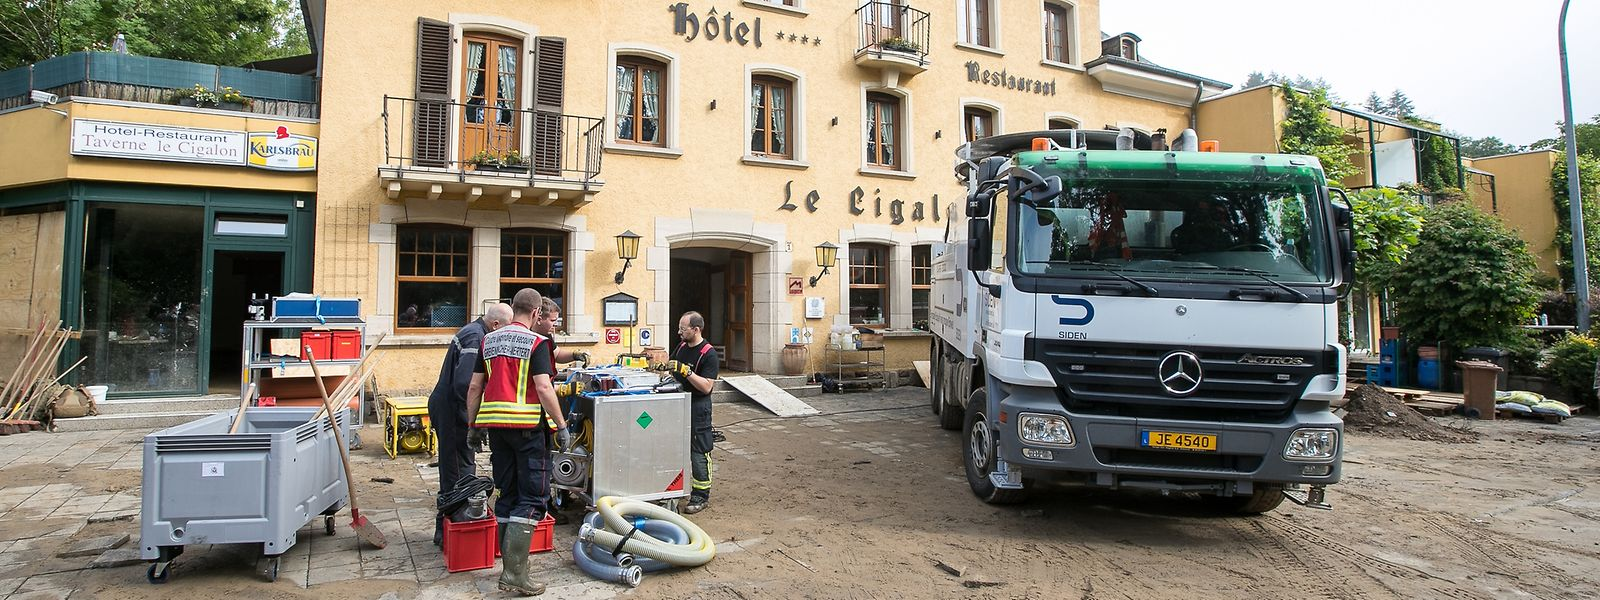 Wieder war der Bach angeschwollen und wieder stand das gesamte Erdgeschoss des Hotel Cigalon unter Wasser. Die Einsatzkräfte pumpten den Keller leer und bauten Vorkehrungen für eine erneute Überflutung.